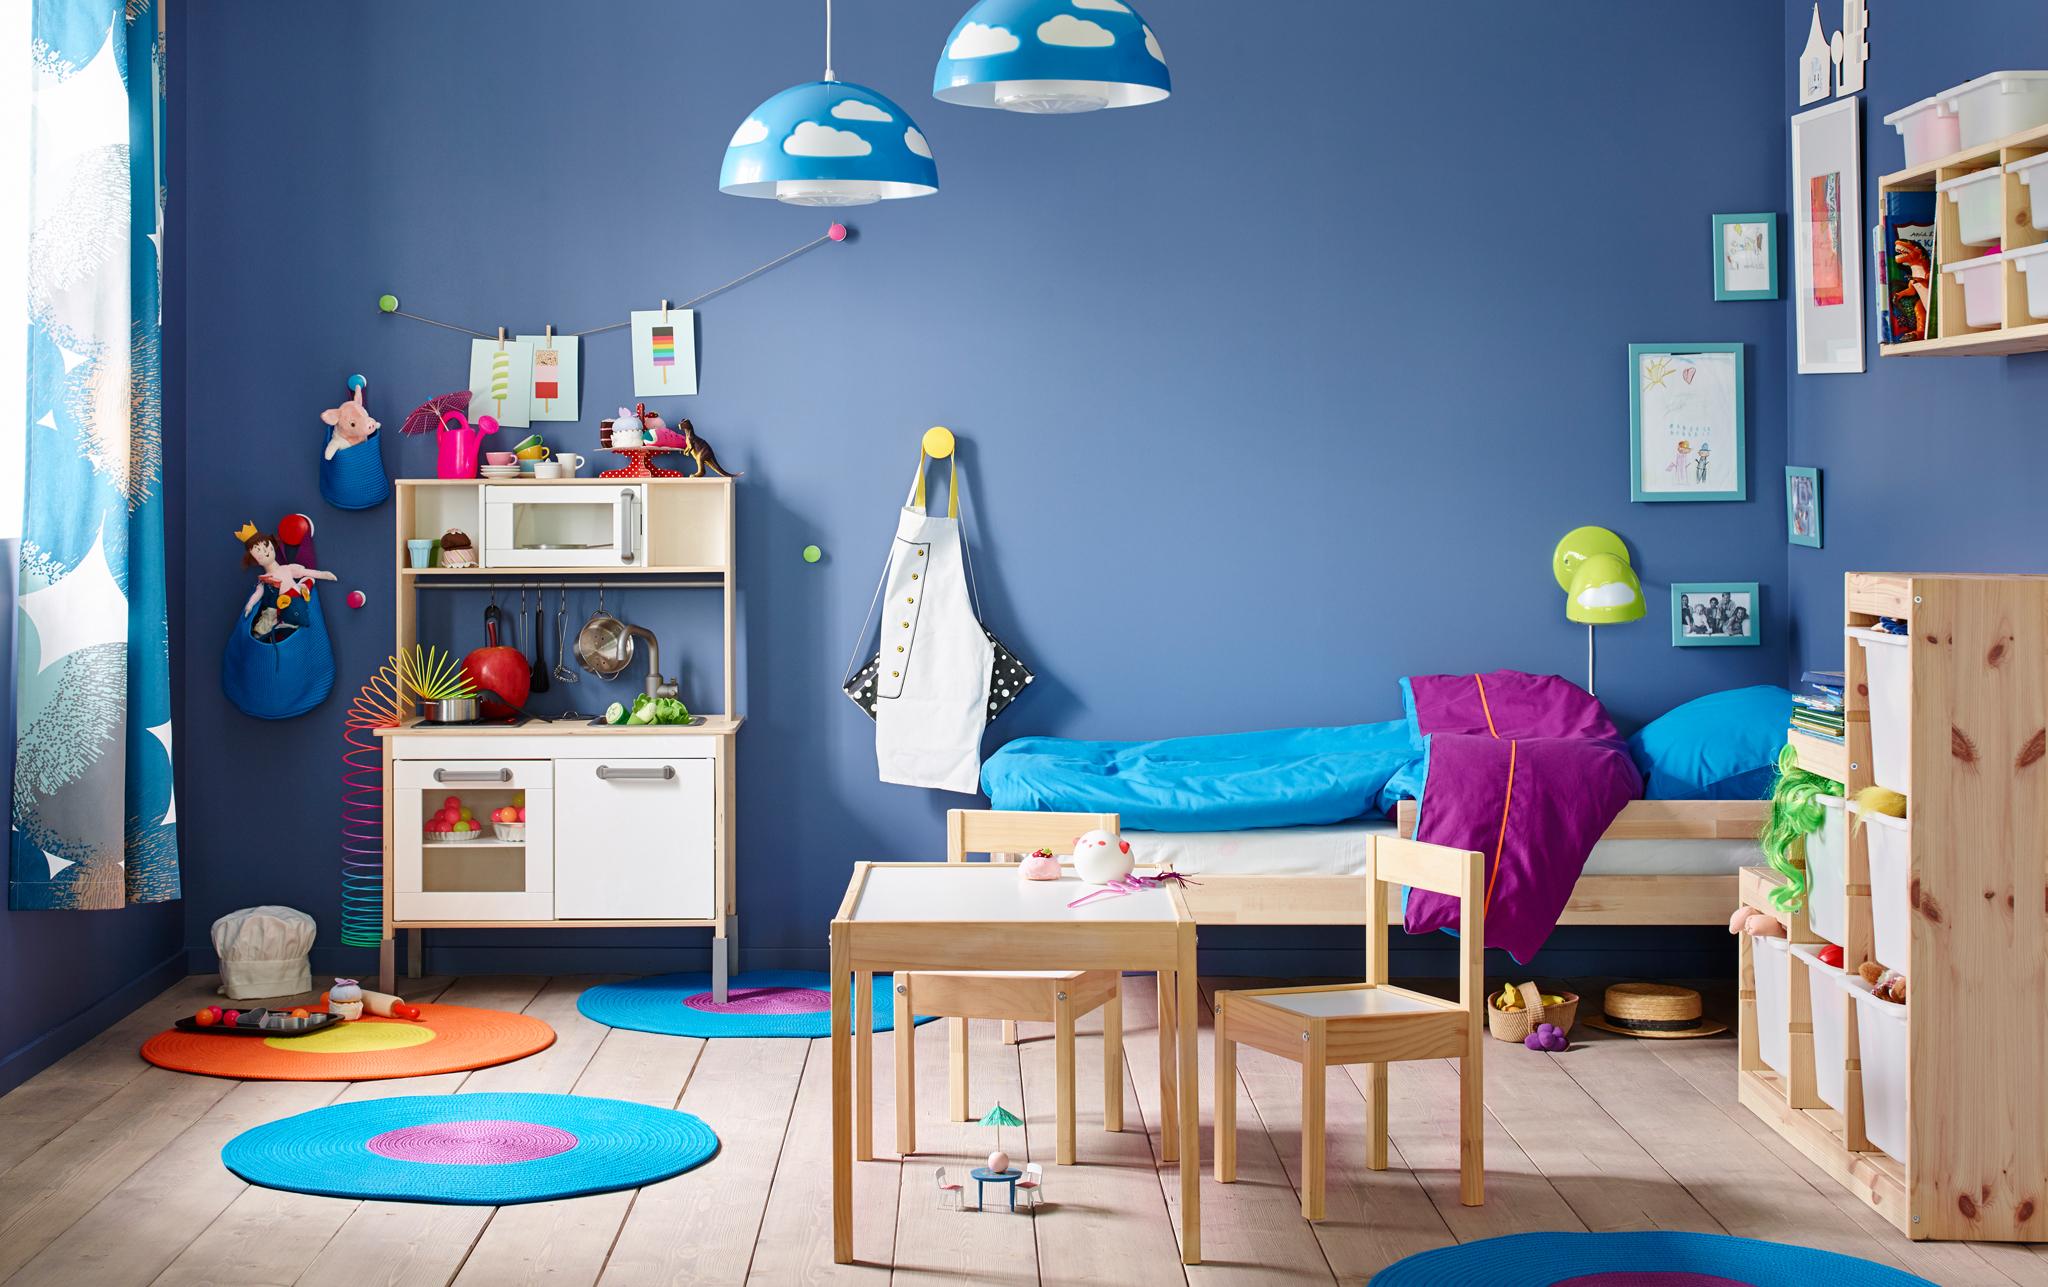 Children's room furniture Living ideas: suddenly children's room furniture children all over the world KDFYAAP